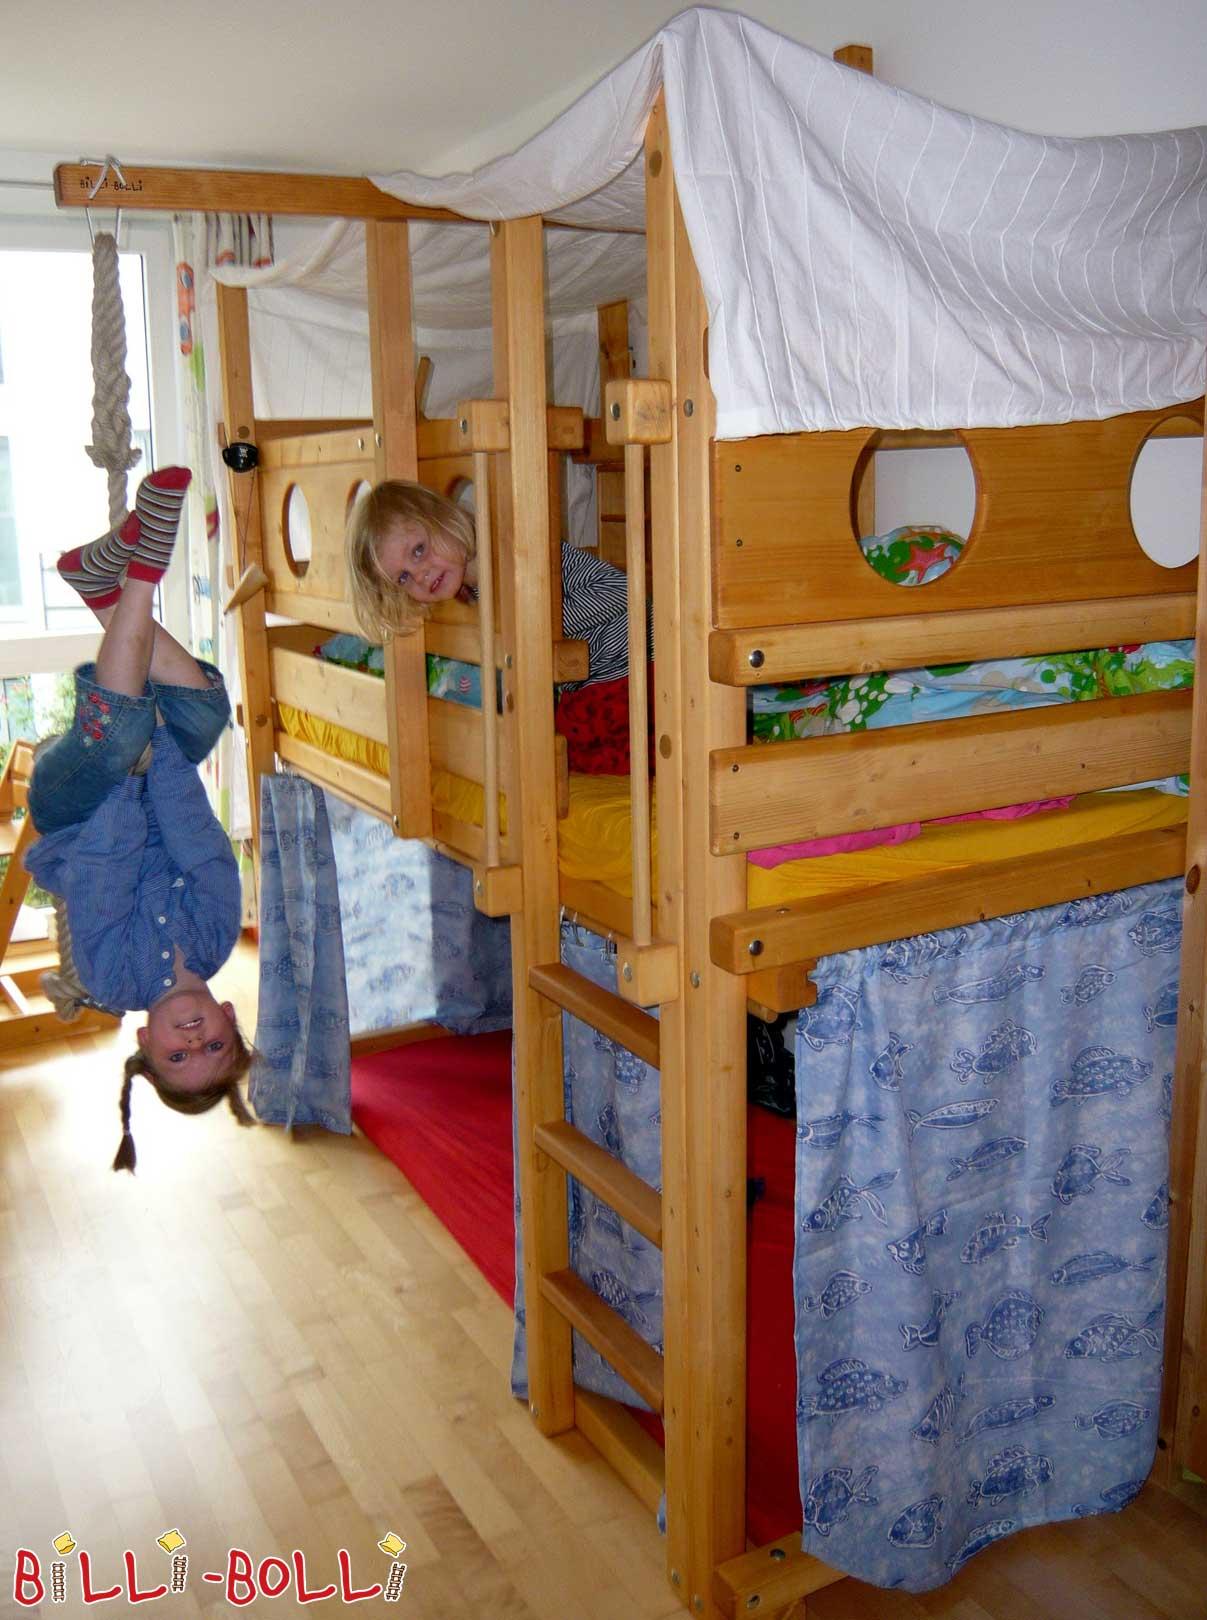 secondhand seite 11 billi bolli kinderm bel. Black Bedroom Furniture Sets. Home Design Ideas